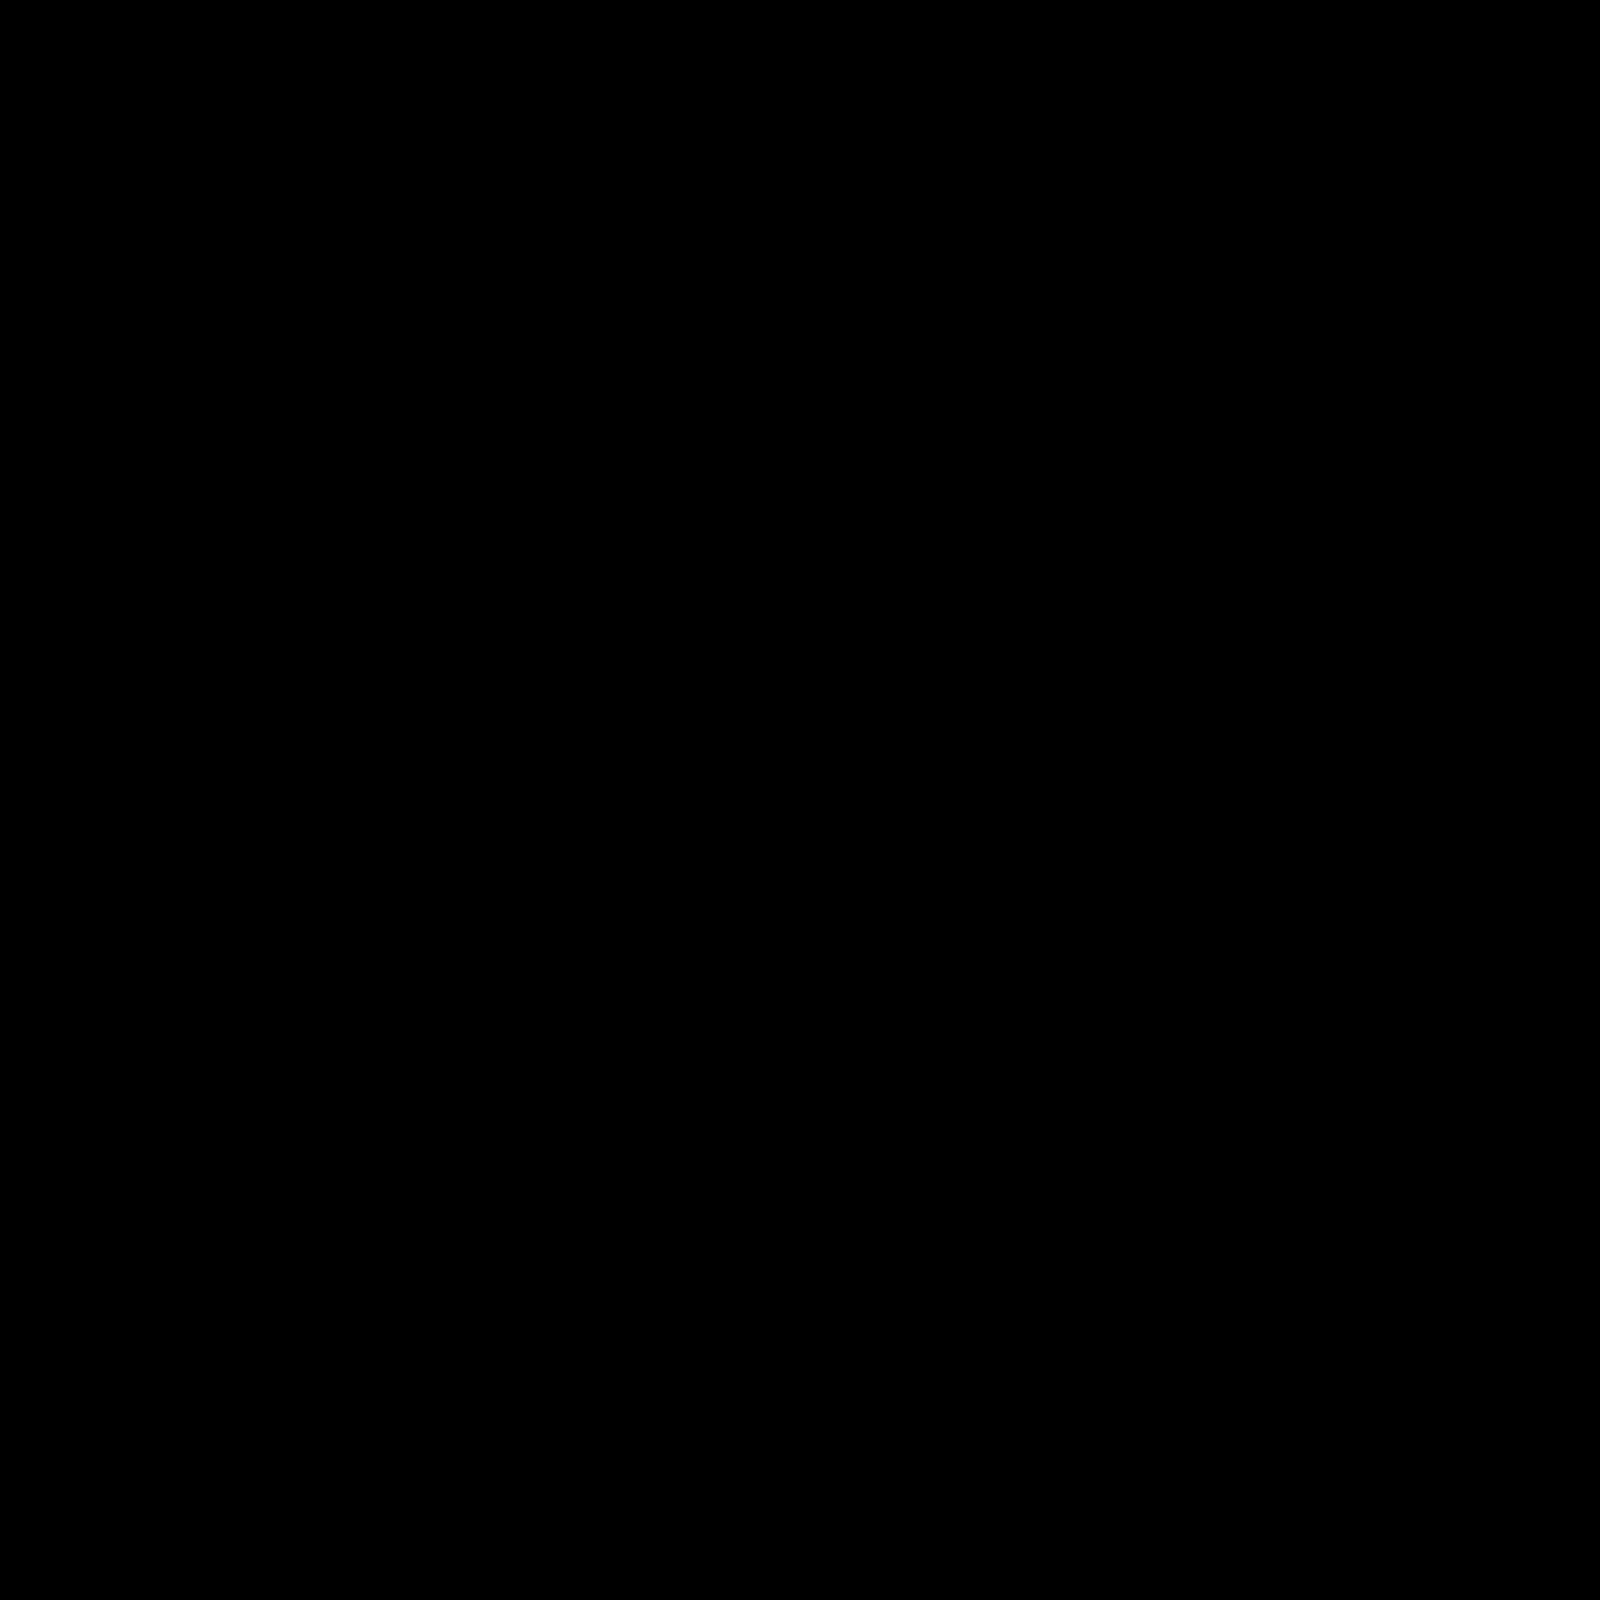 64-bit icon